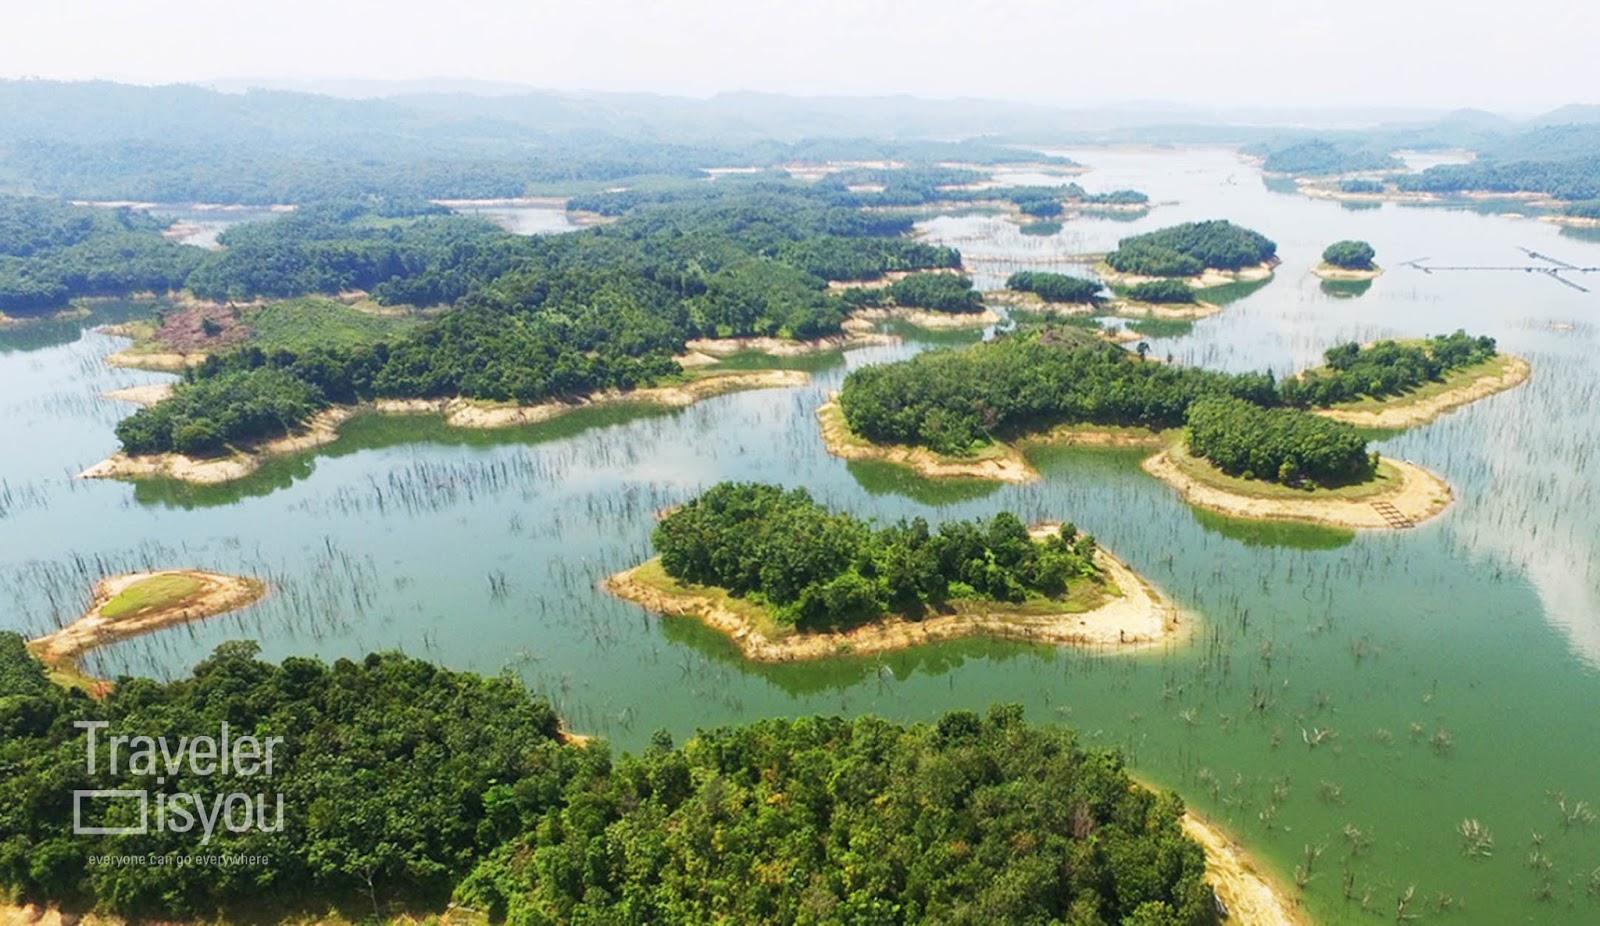 plta koto panjang lake is a hydroelectric resources in kampar regency riau province